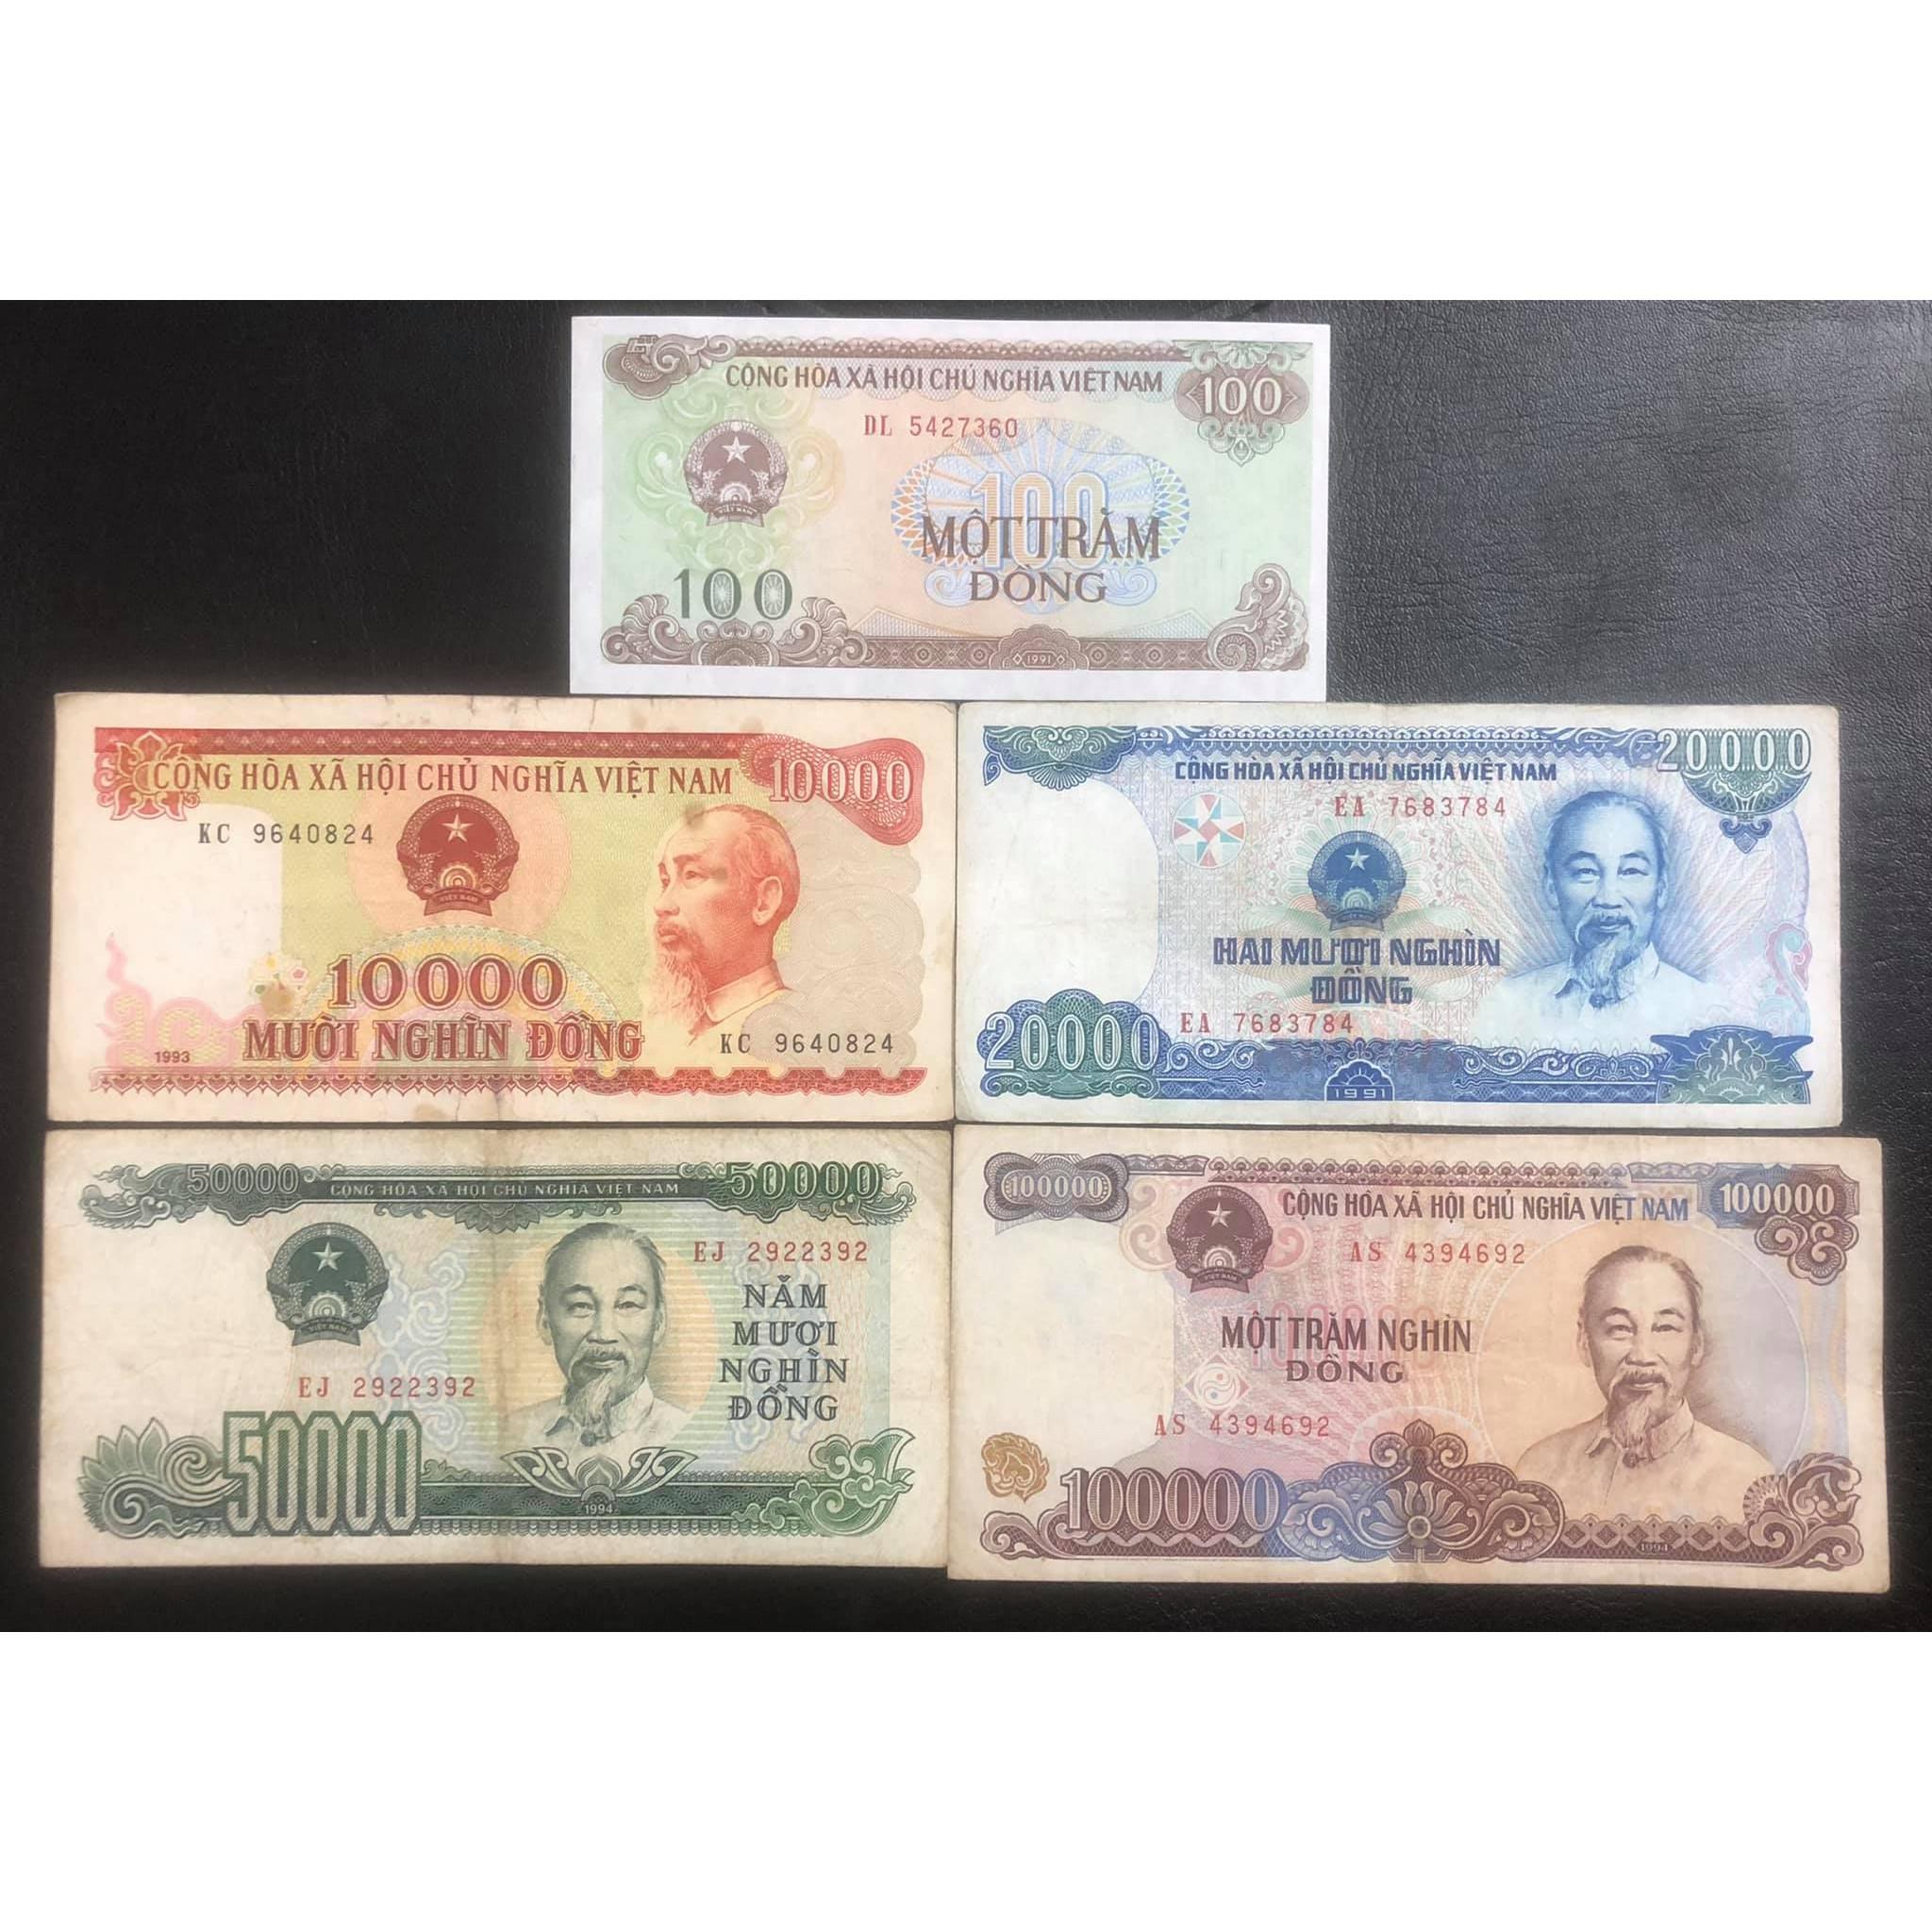 Bộ tiền giấy Việt Nam 5 tờ huyền thoại